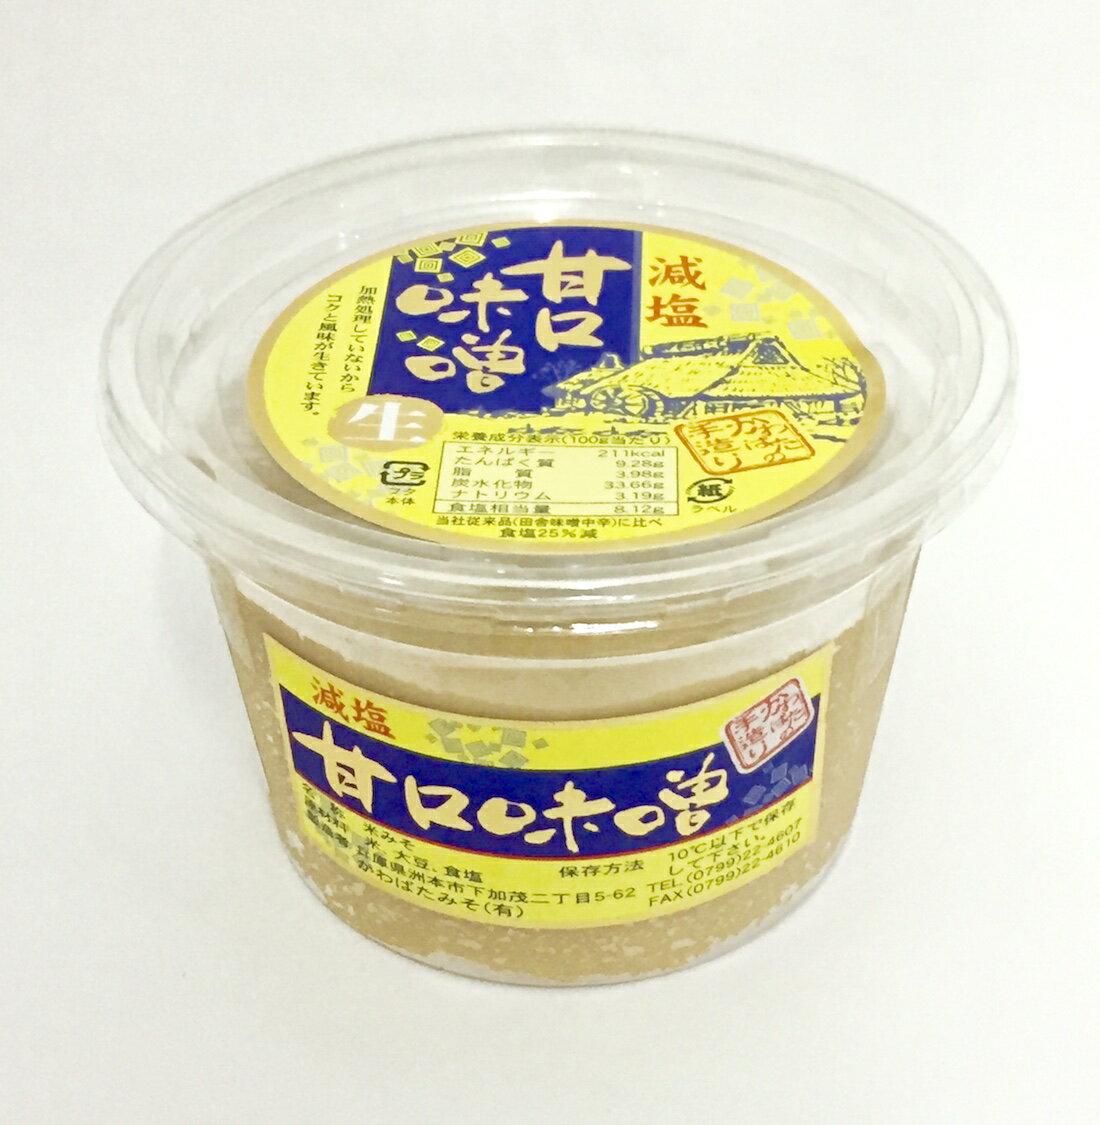 米麹1.3倍配合の減塩甘口白みそ 430g 6...の紹介画像2